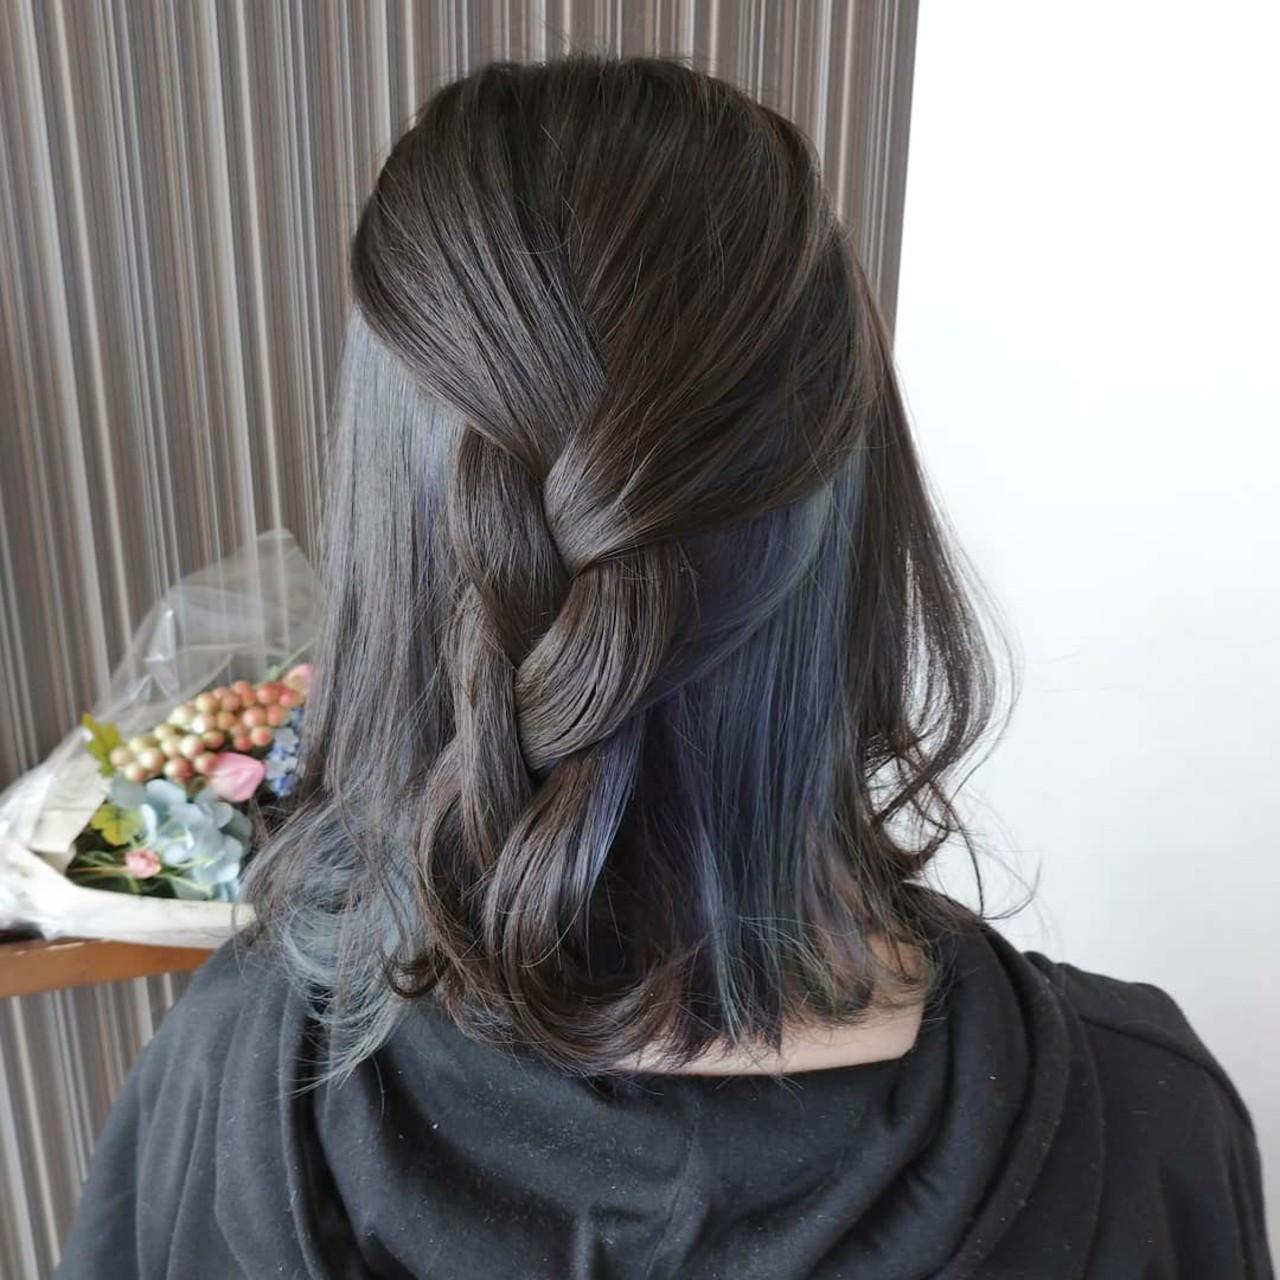 インナーブルー コンサバ ミディアム インナーカラー ヘアスタイルや髪型の写真・画像